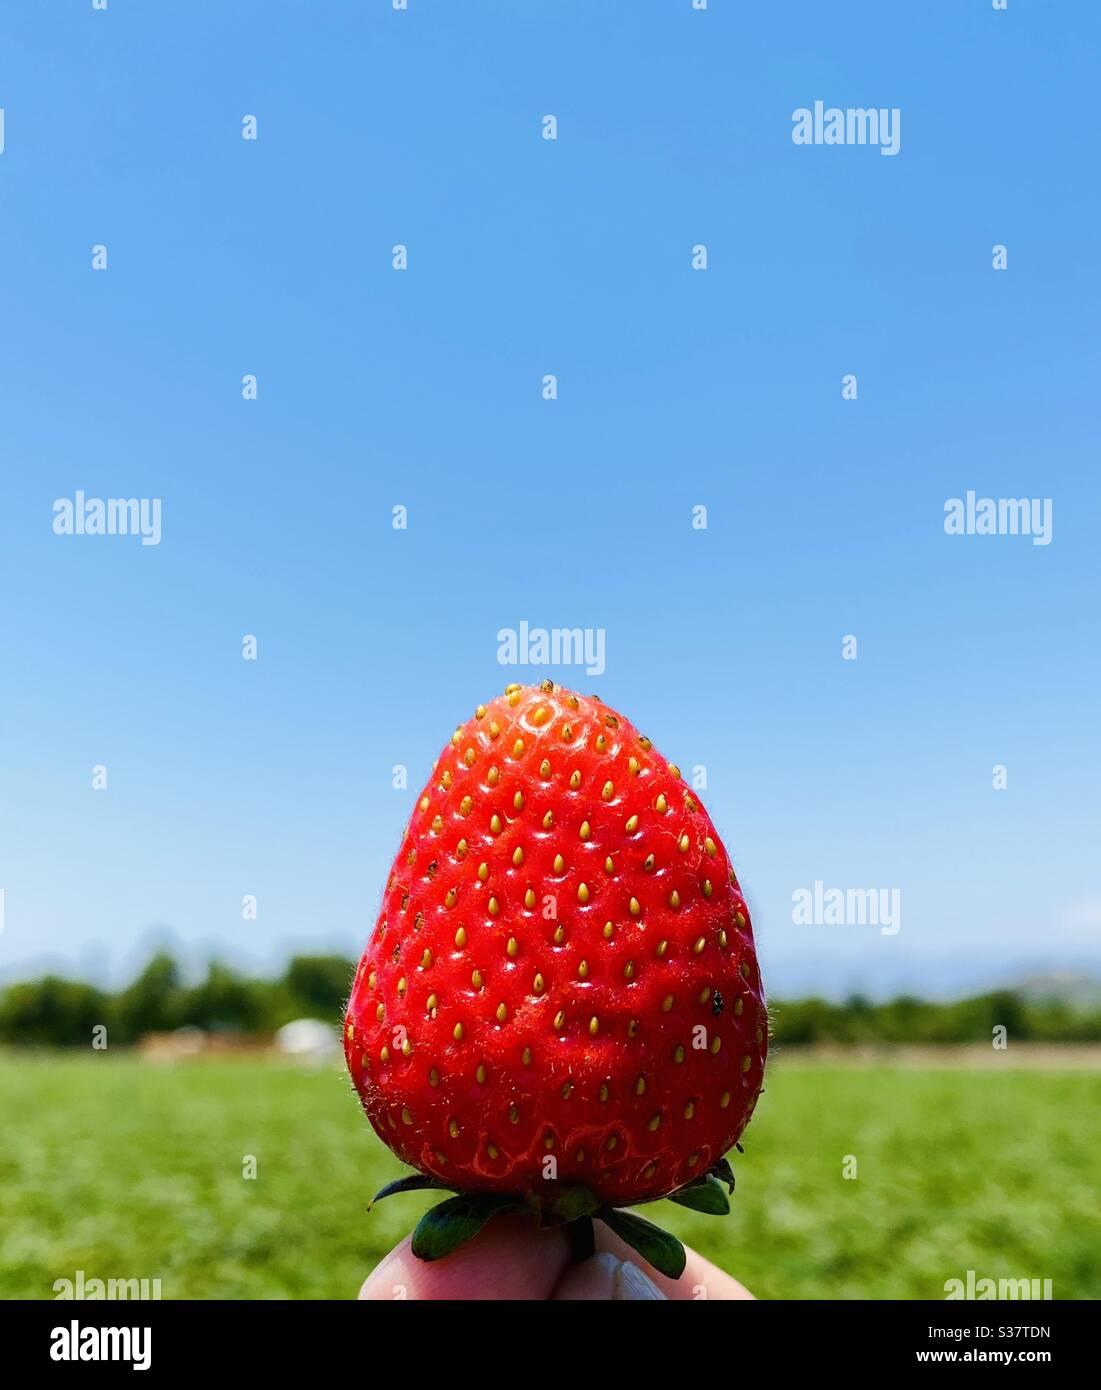 Eine Person, die eine frisch gepflückte Erdbeere hält. Moorpark, Kalifornien, USA. Stockfoto